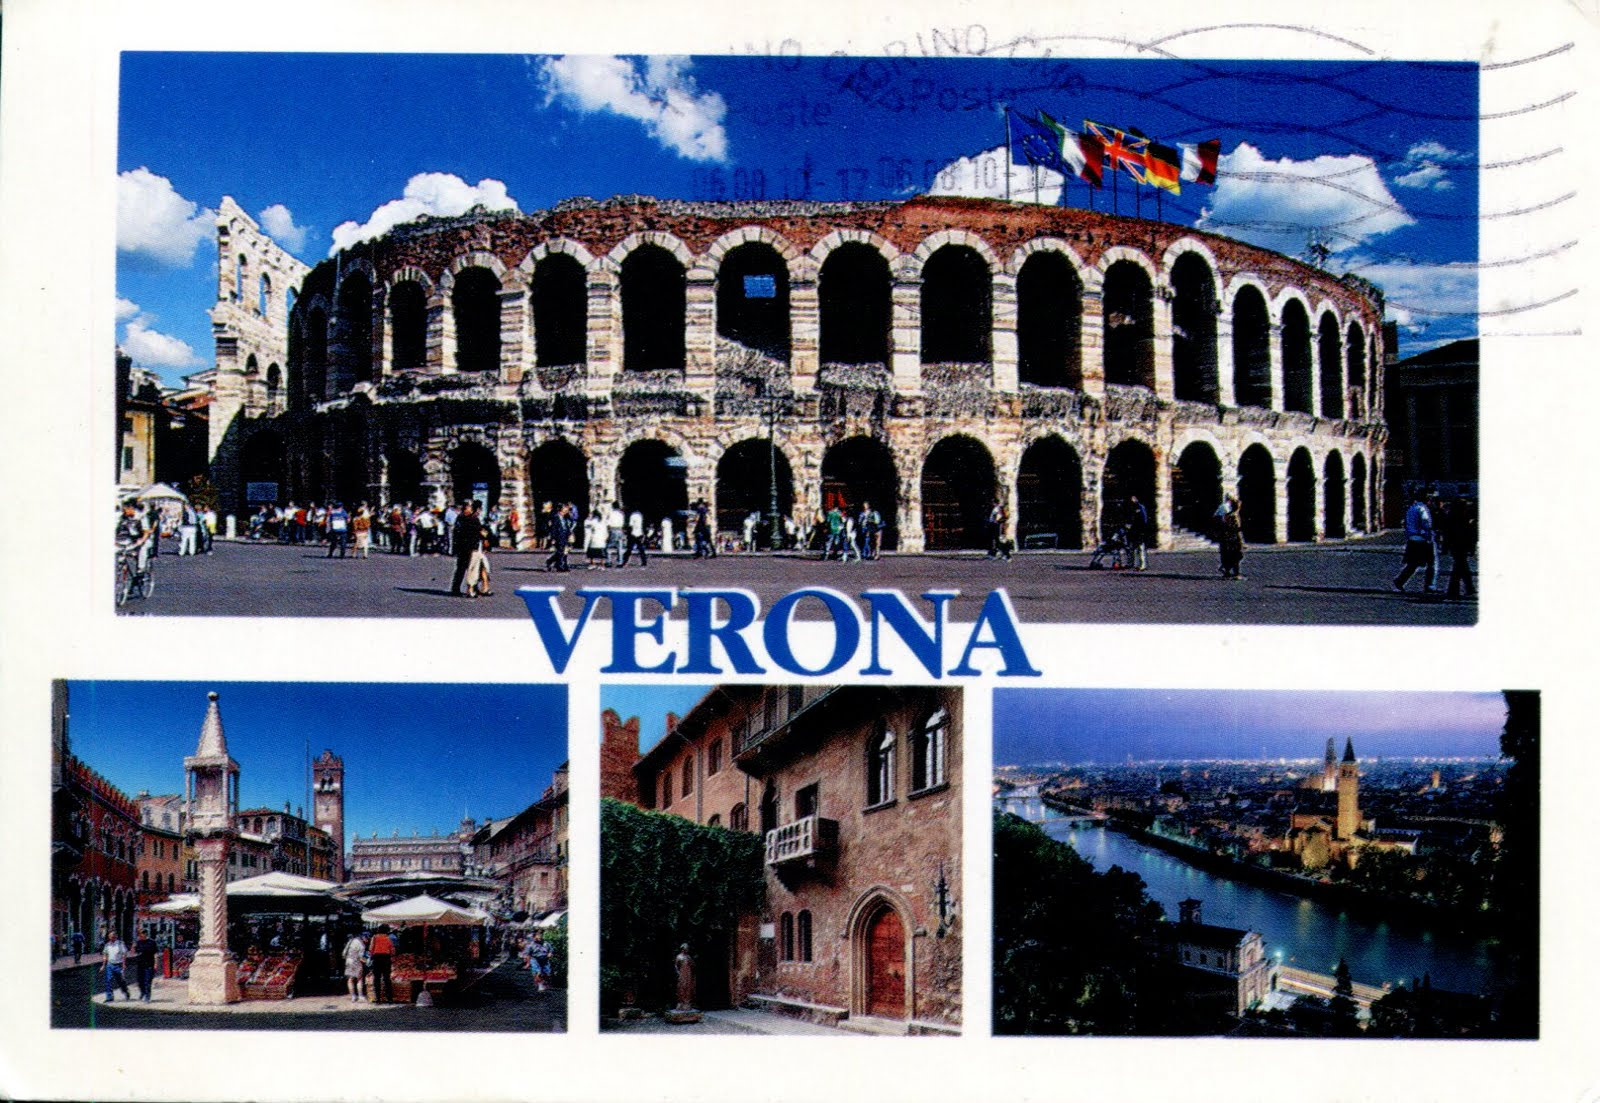 Pošalji mi razglednicu, neću SMS, po azbuci - Page 5 L-it-verona-1a191